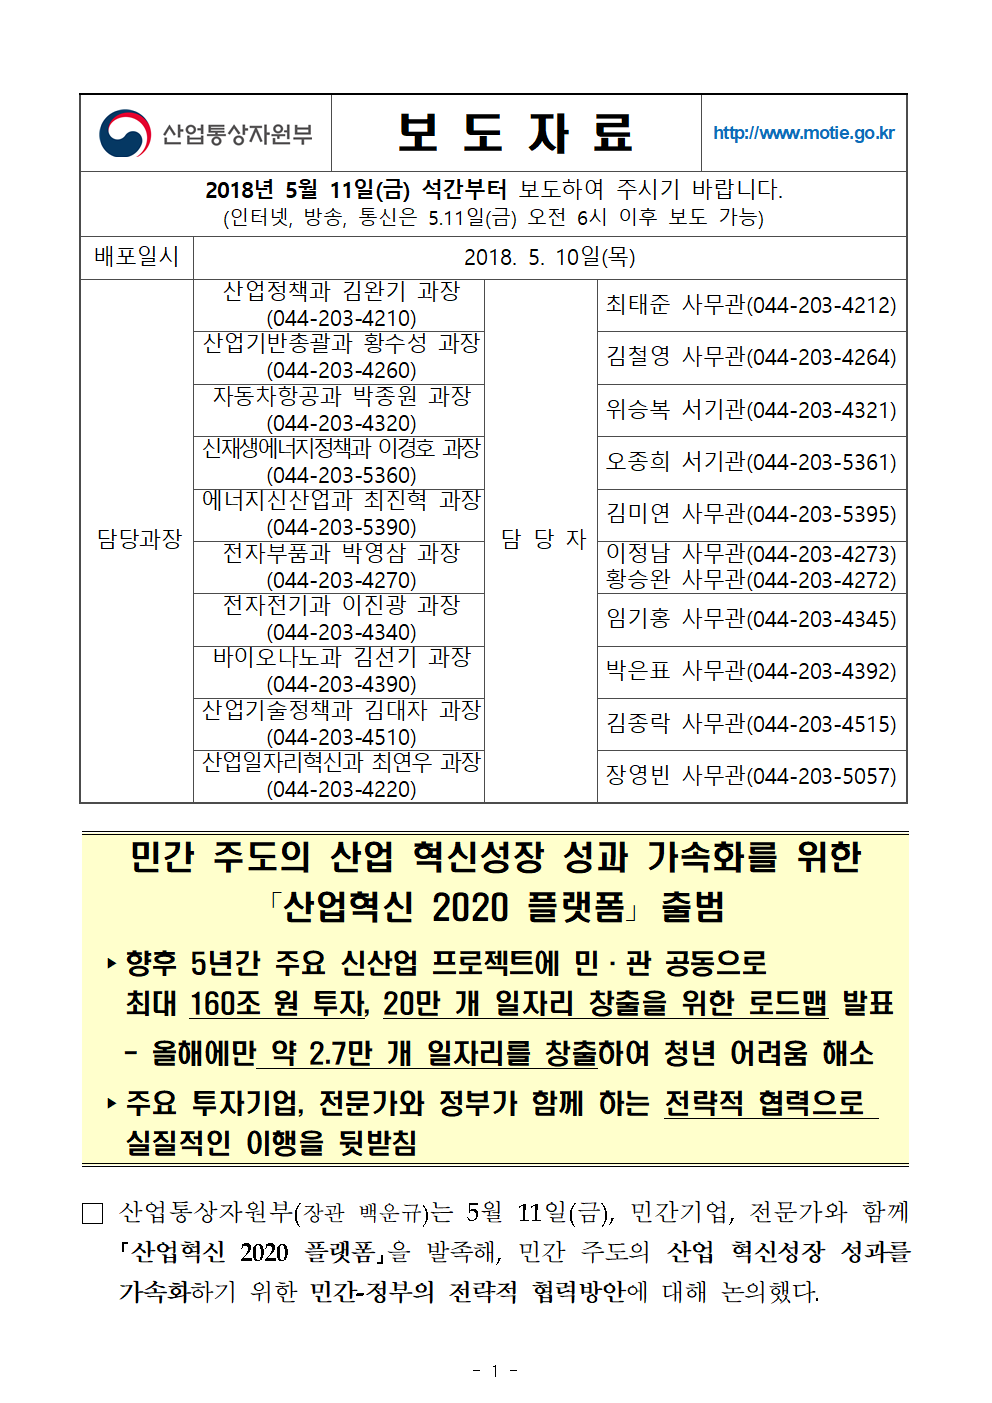 0510 (11일석간) 산업정책과, 산업혁신 2020 플랫폼001.png